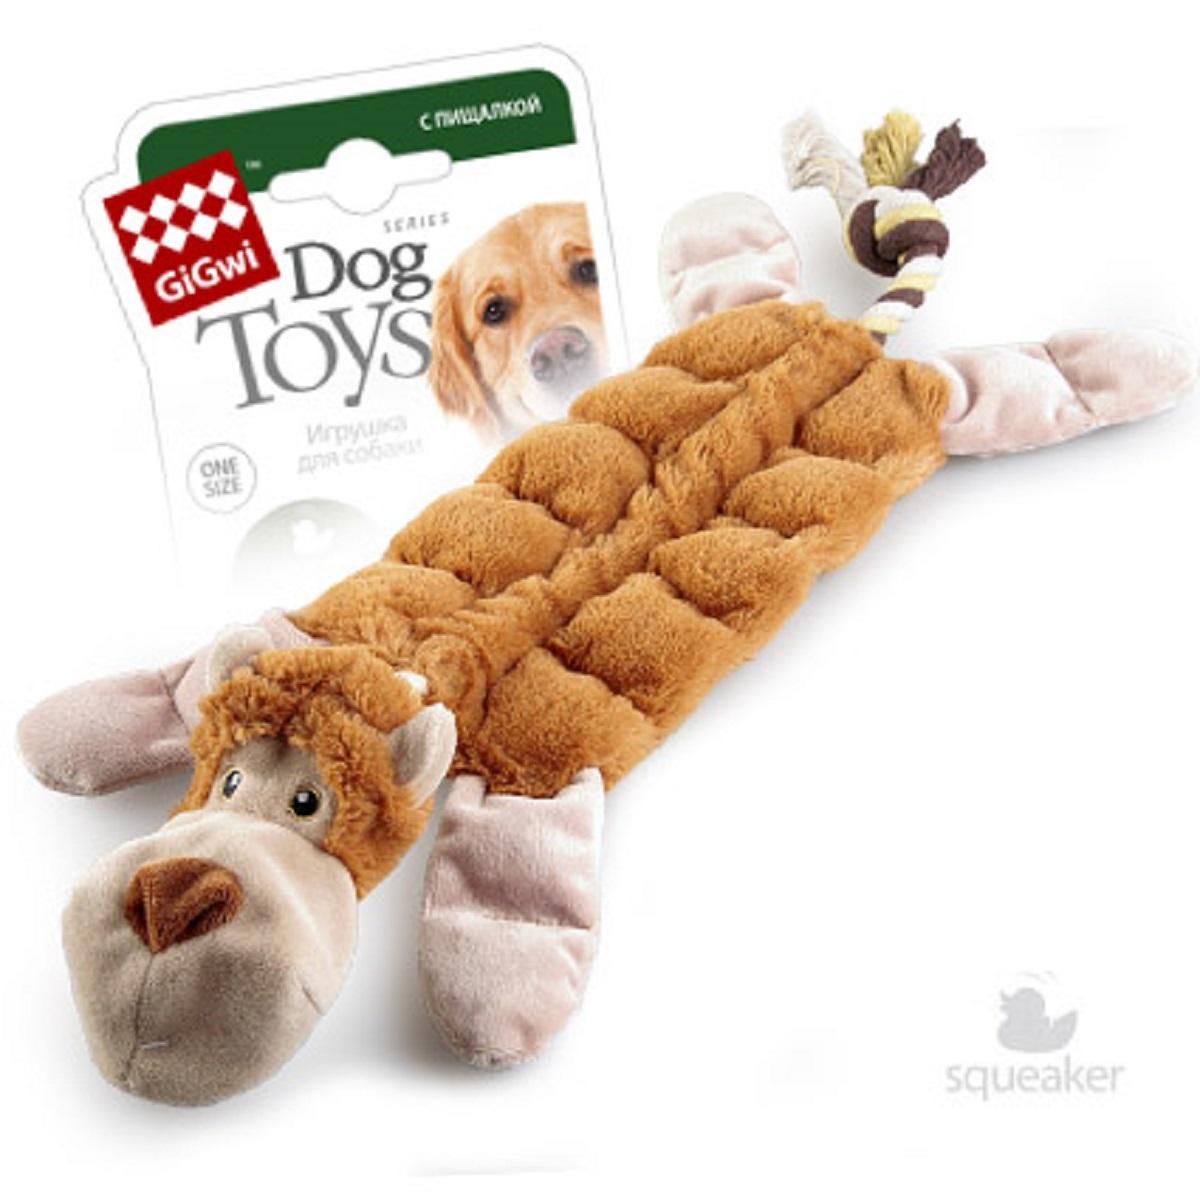 Игрушка для собак GiGwi Обезьяна, с пищалками, 34 см75088Игрушка для собак GiGwi  Обезьяна, выполненная из текстиля, не позволит заскучать вашему питомцу. Играя с этой забавной игрушкой, маленькие щенки развиваются физически, а взрослые собаки поддерживают свой мышечный тонус. Игрушка с канатом и 19 пищалками выполнена в виде обезьяны. Такая игрушка порадует вашего любимца, а вам доставит массу приятных эмоций, ведь наблюдать за игрой всегда интересно и приятно.